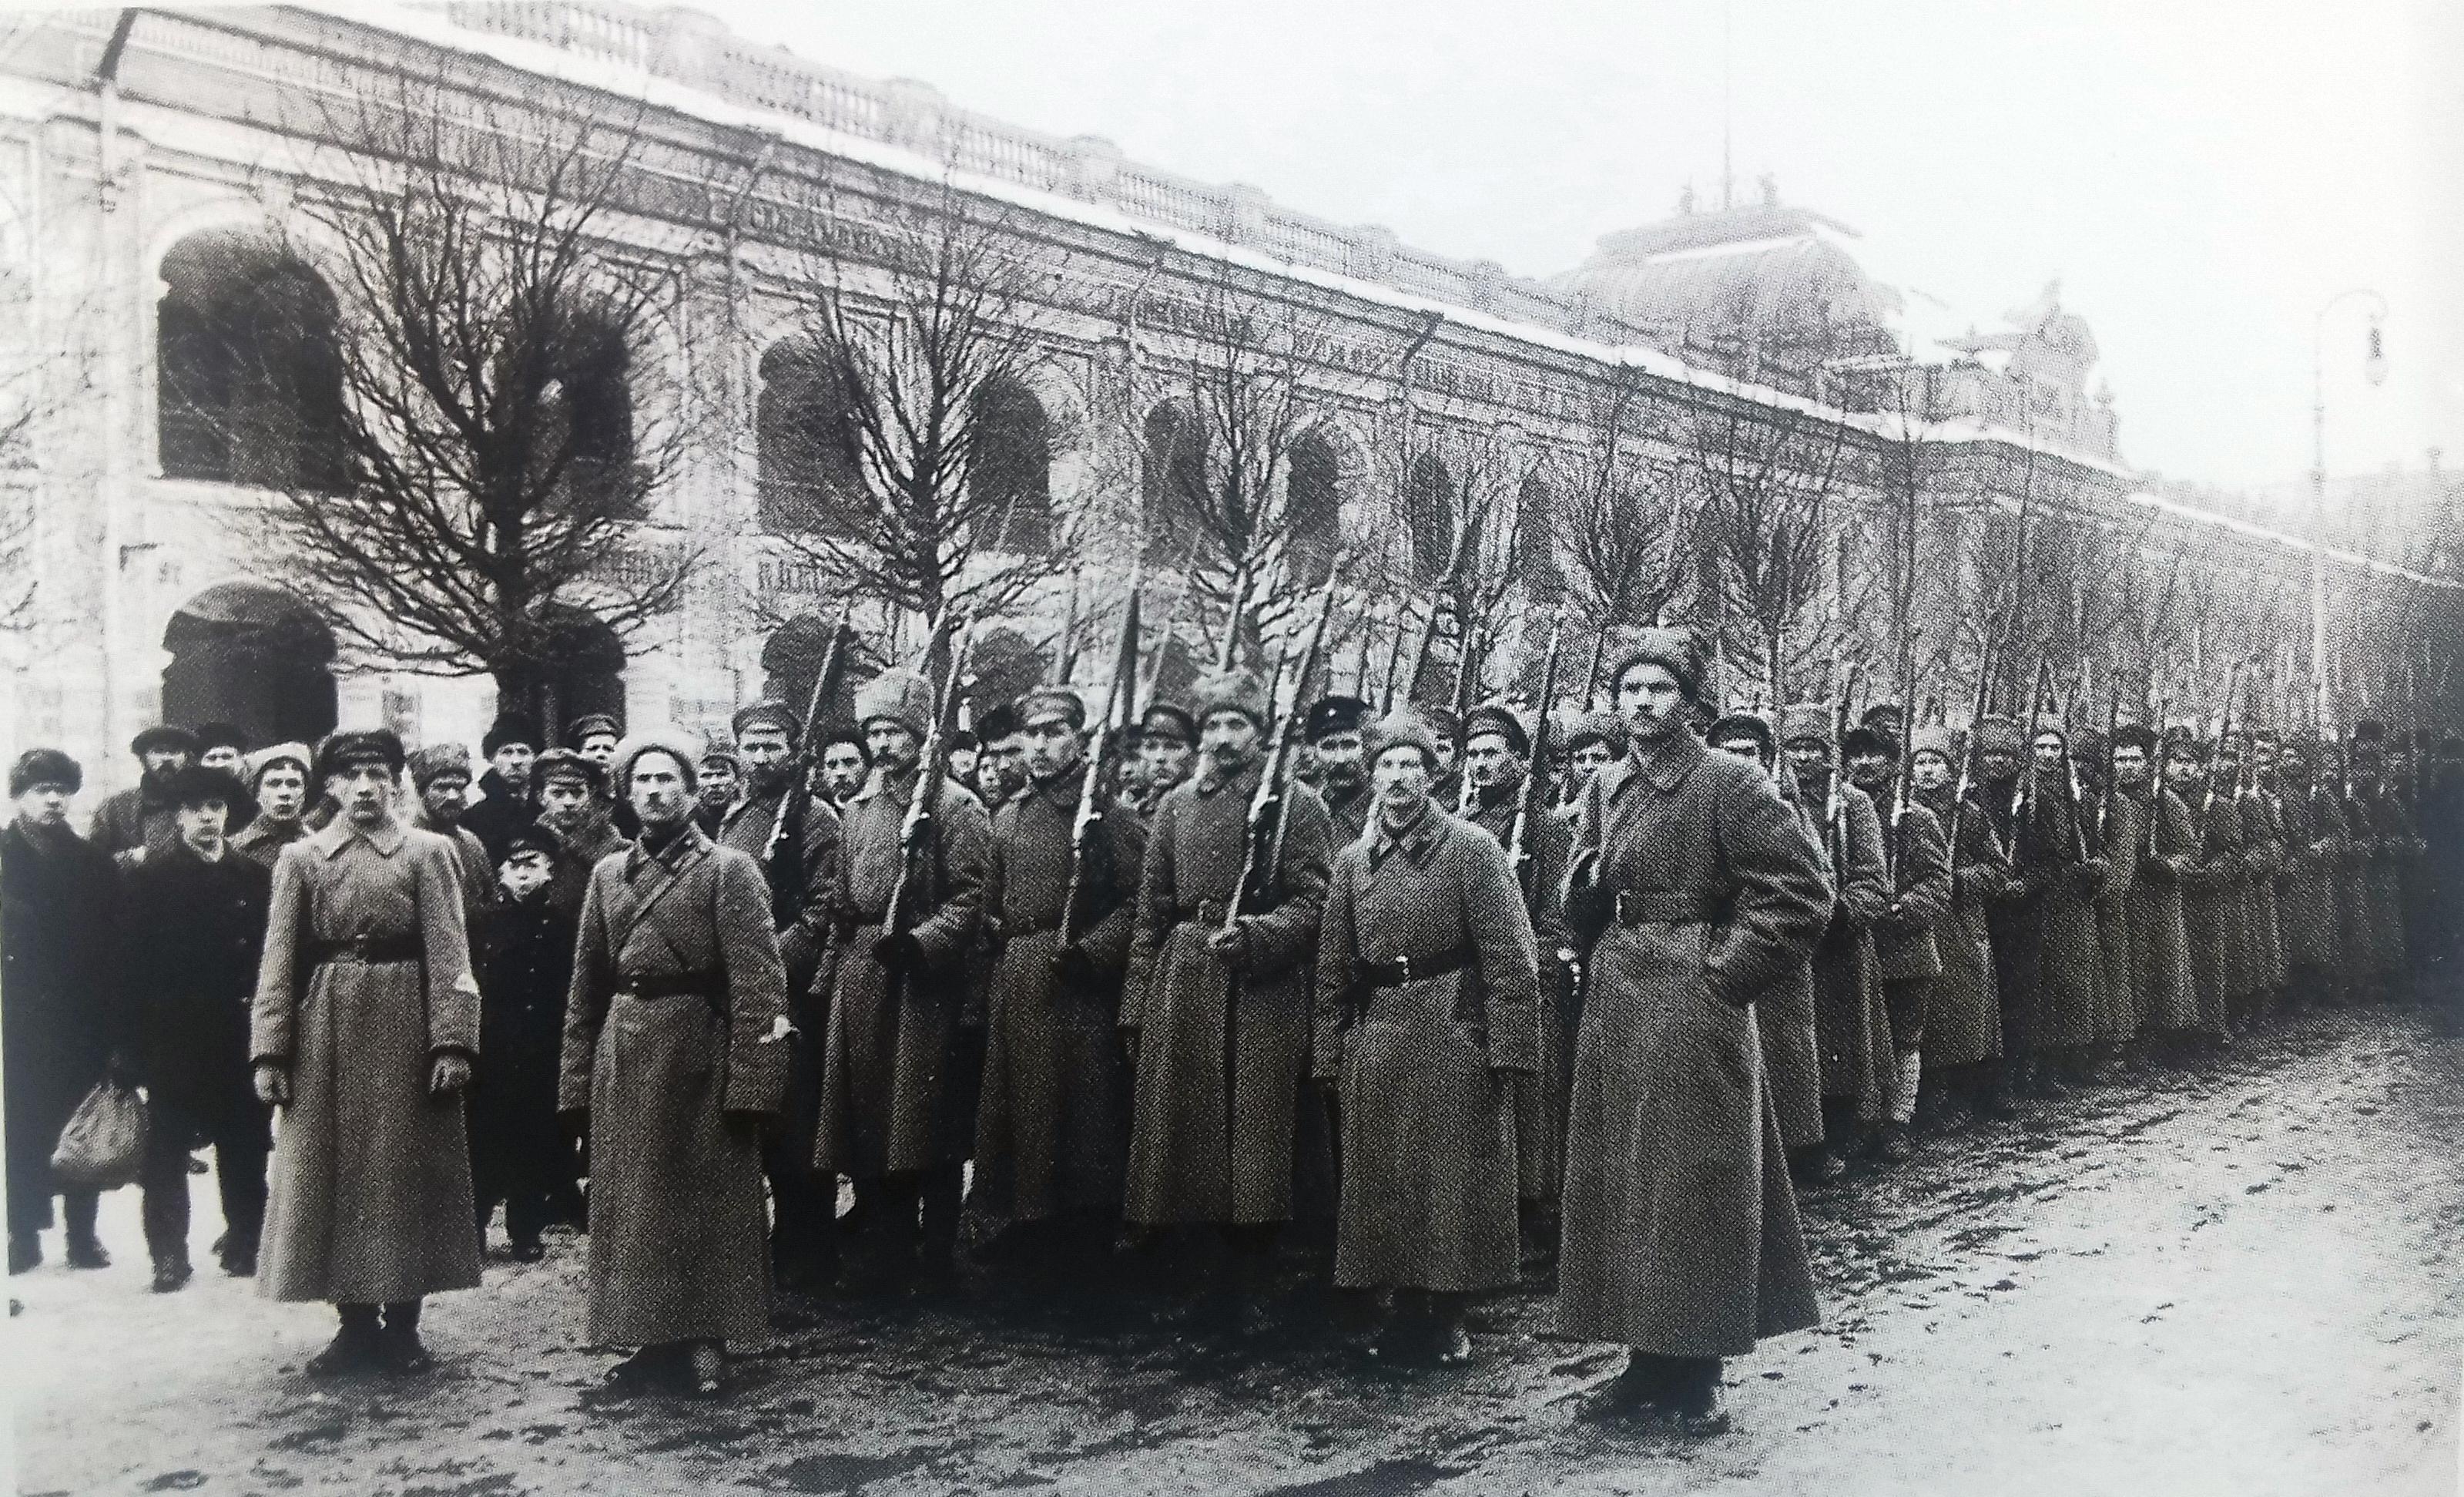 Колонна петроградских чекистов на Невском проспекте